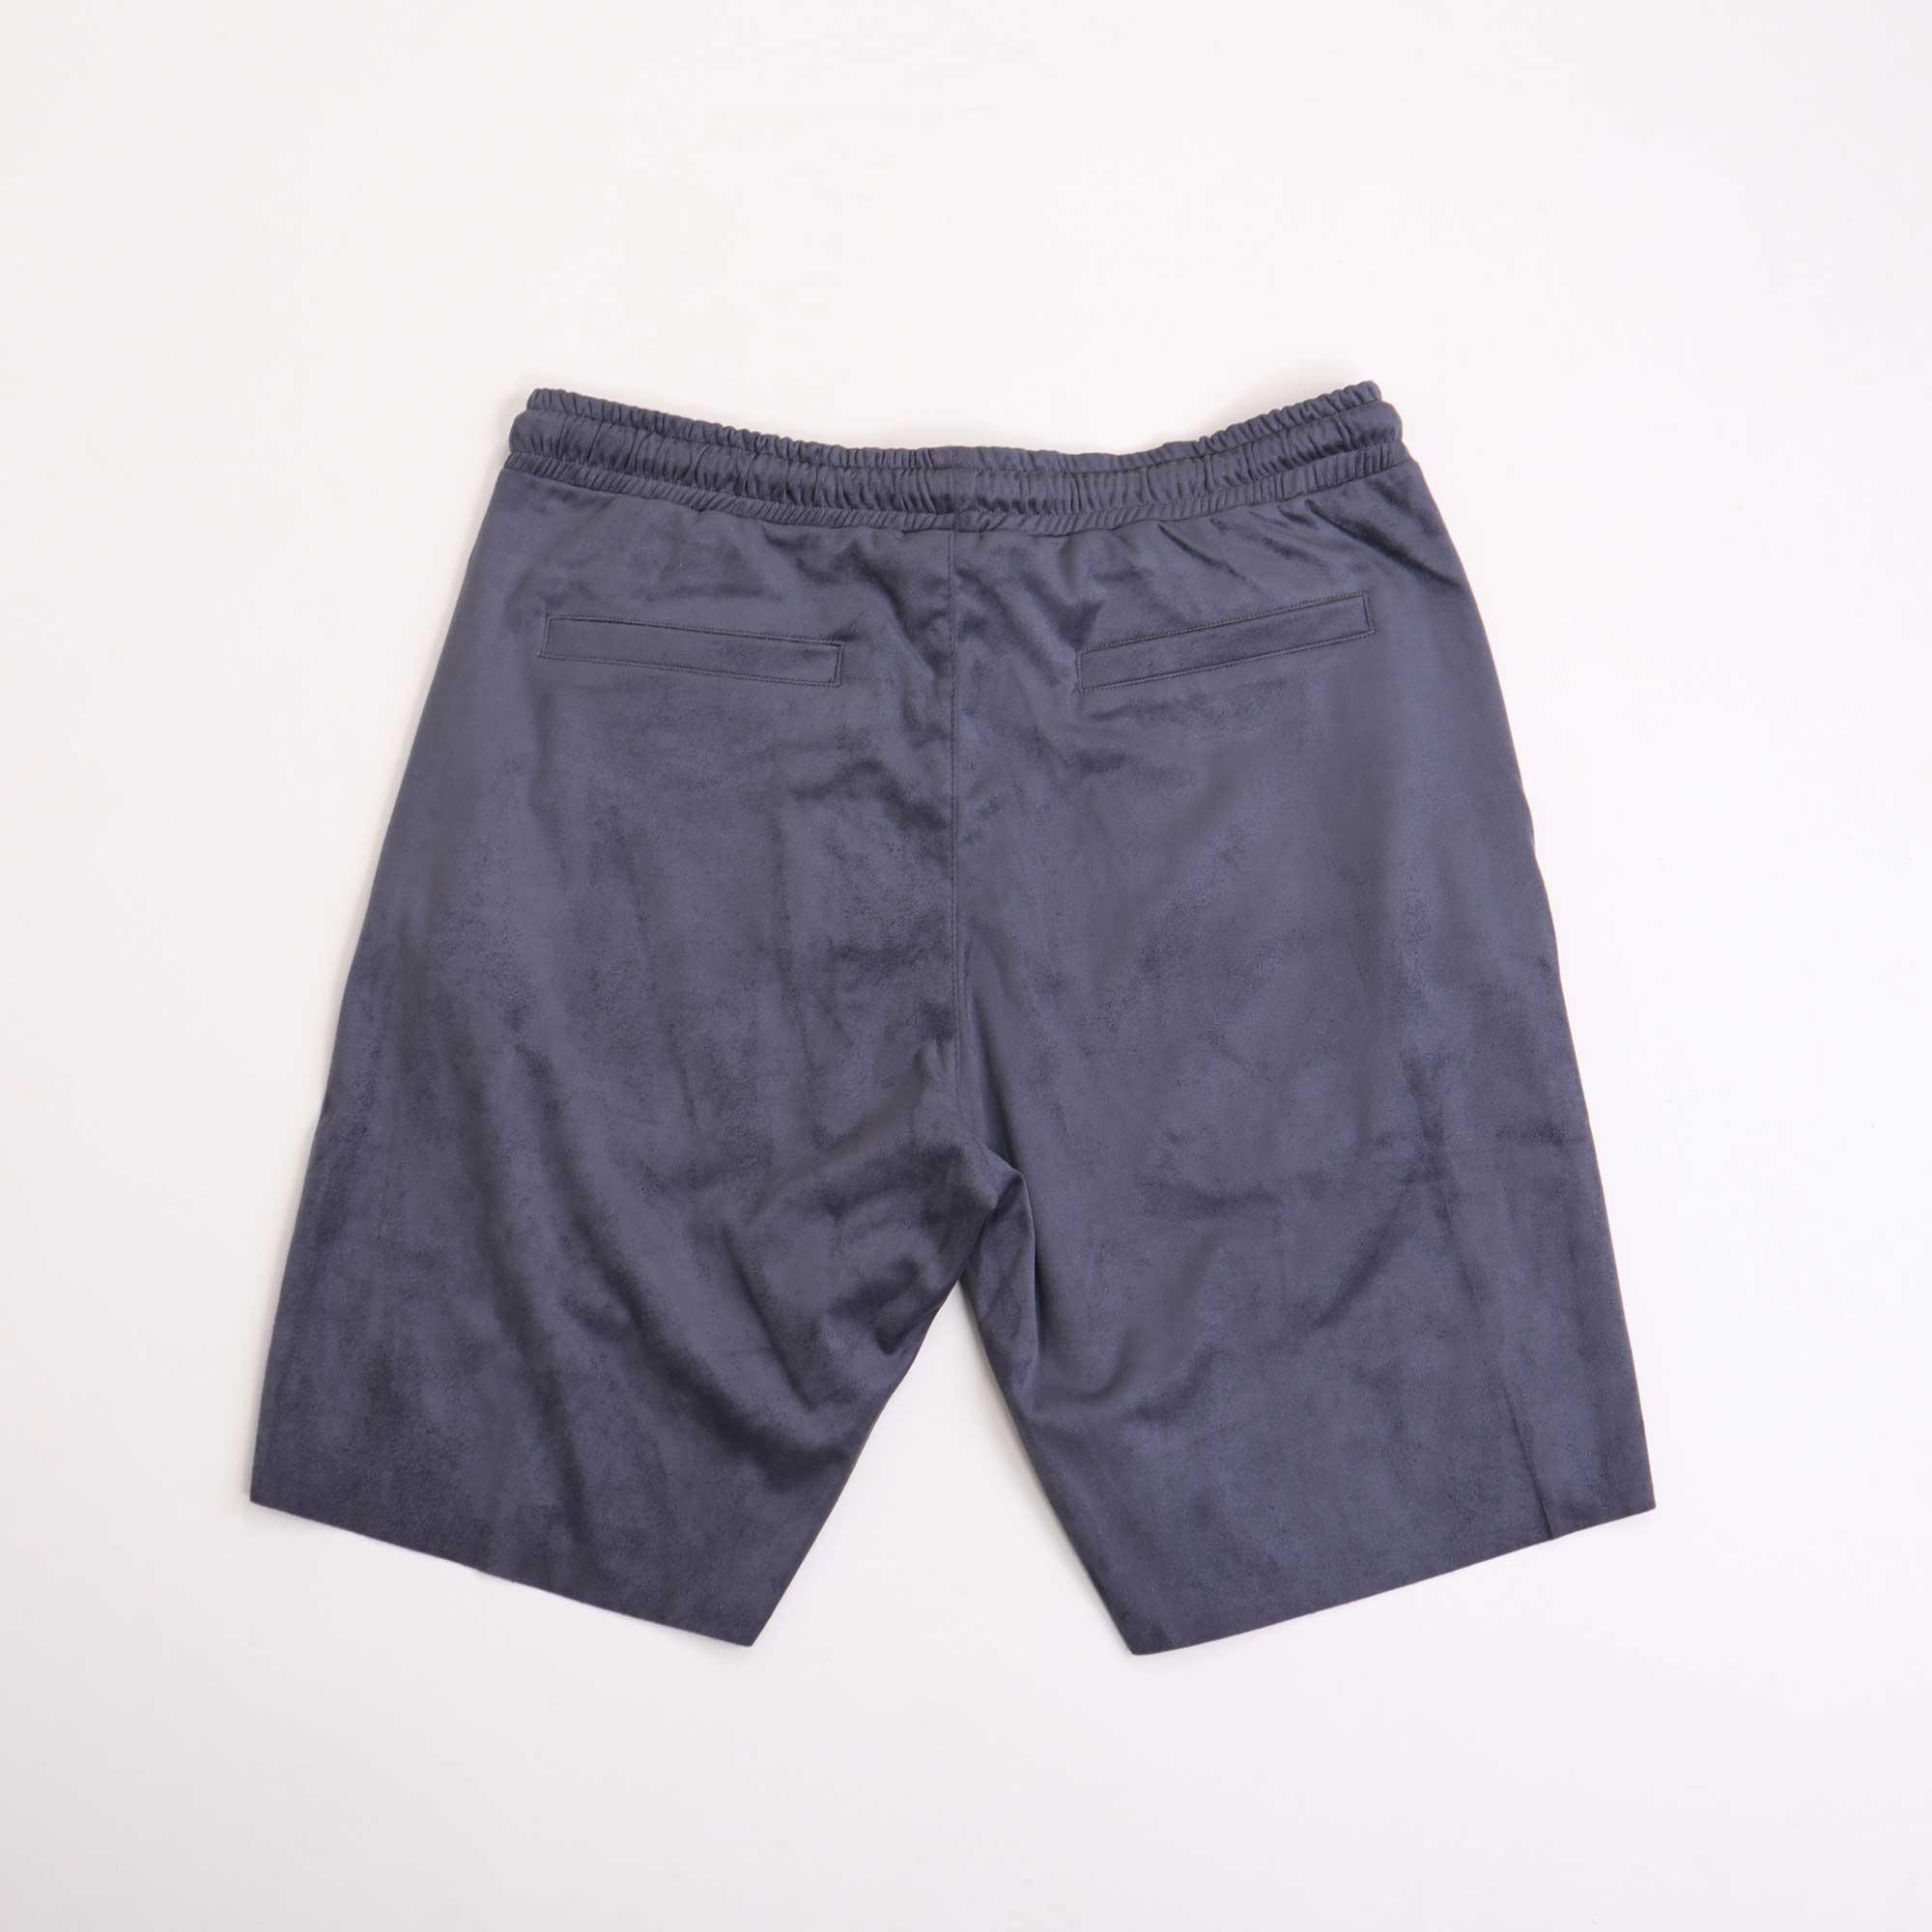 short-suede-grijs-2